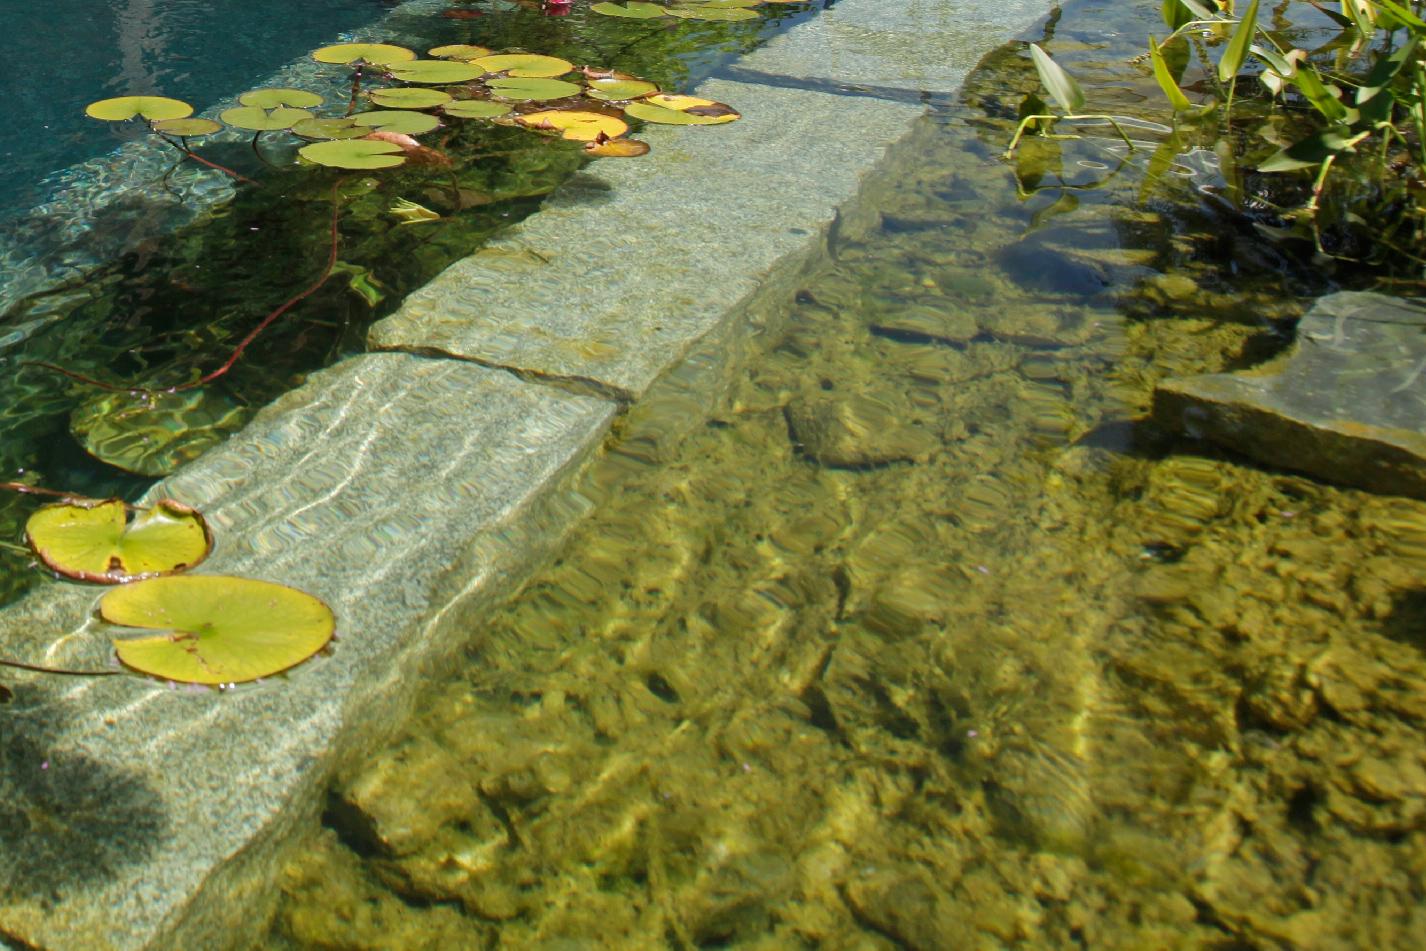 Algen-im-Teich